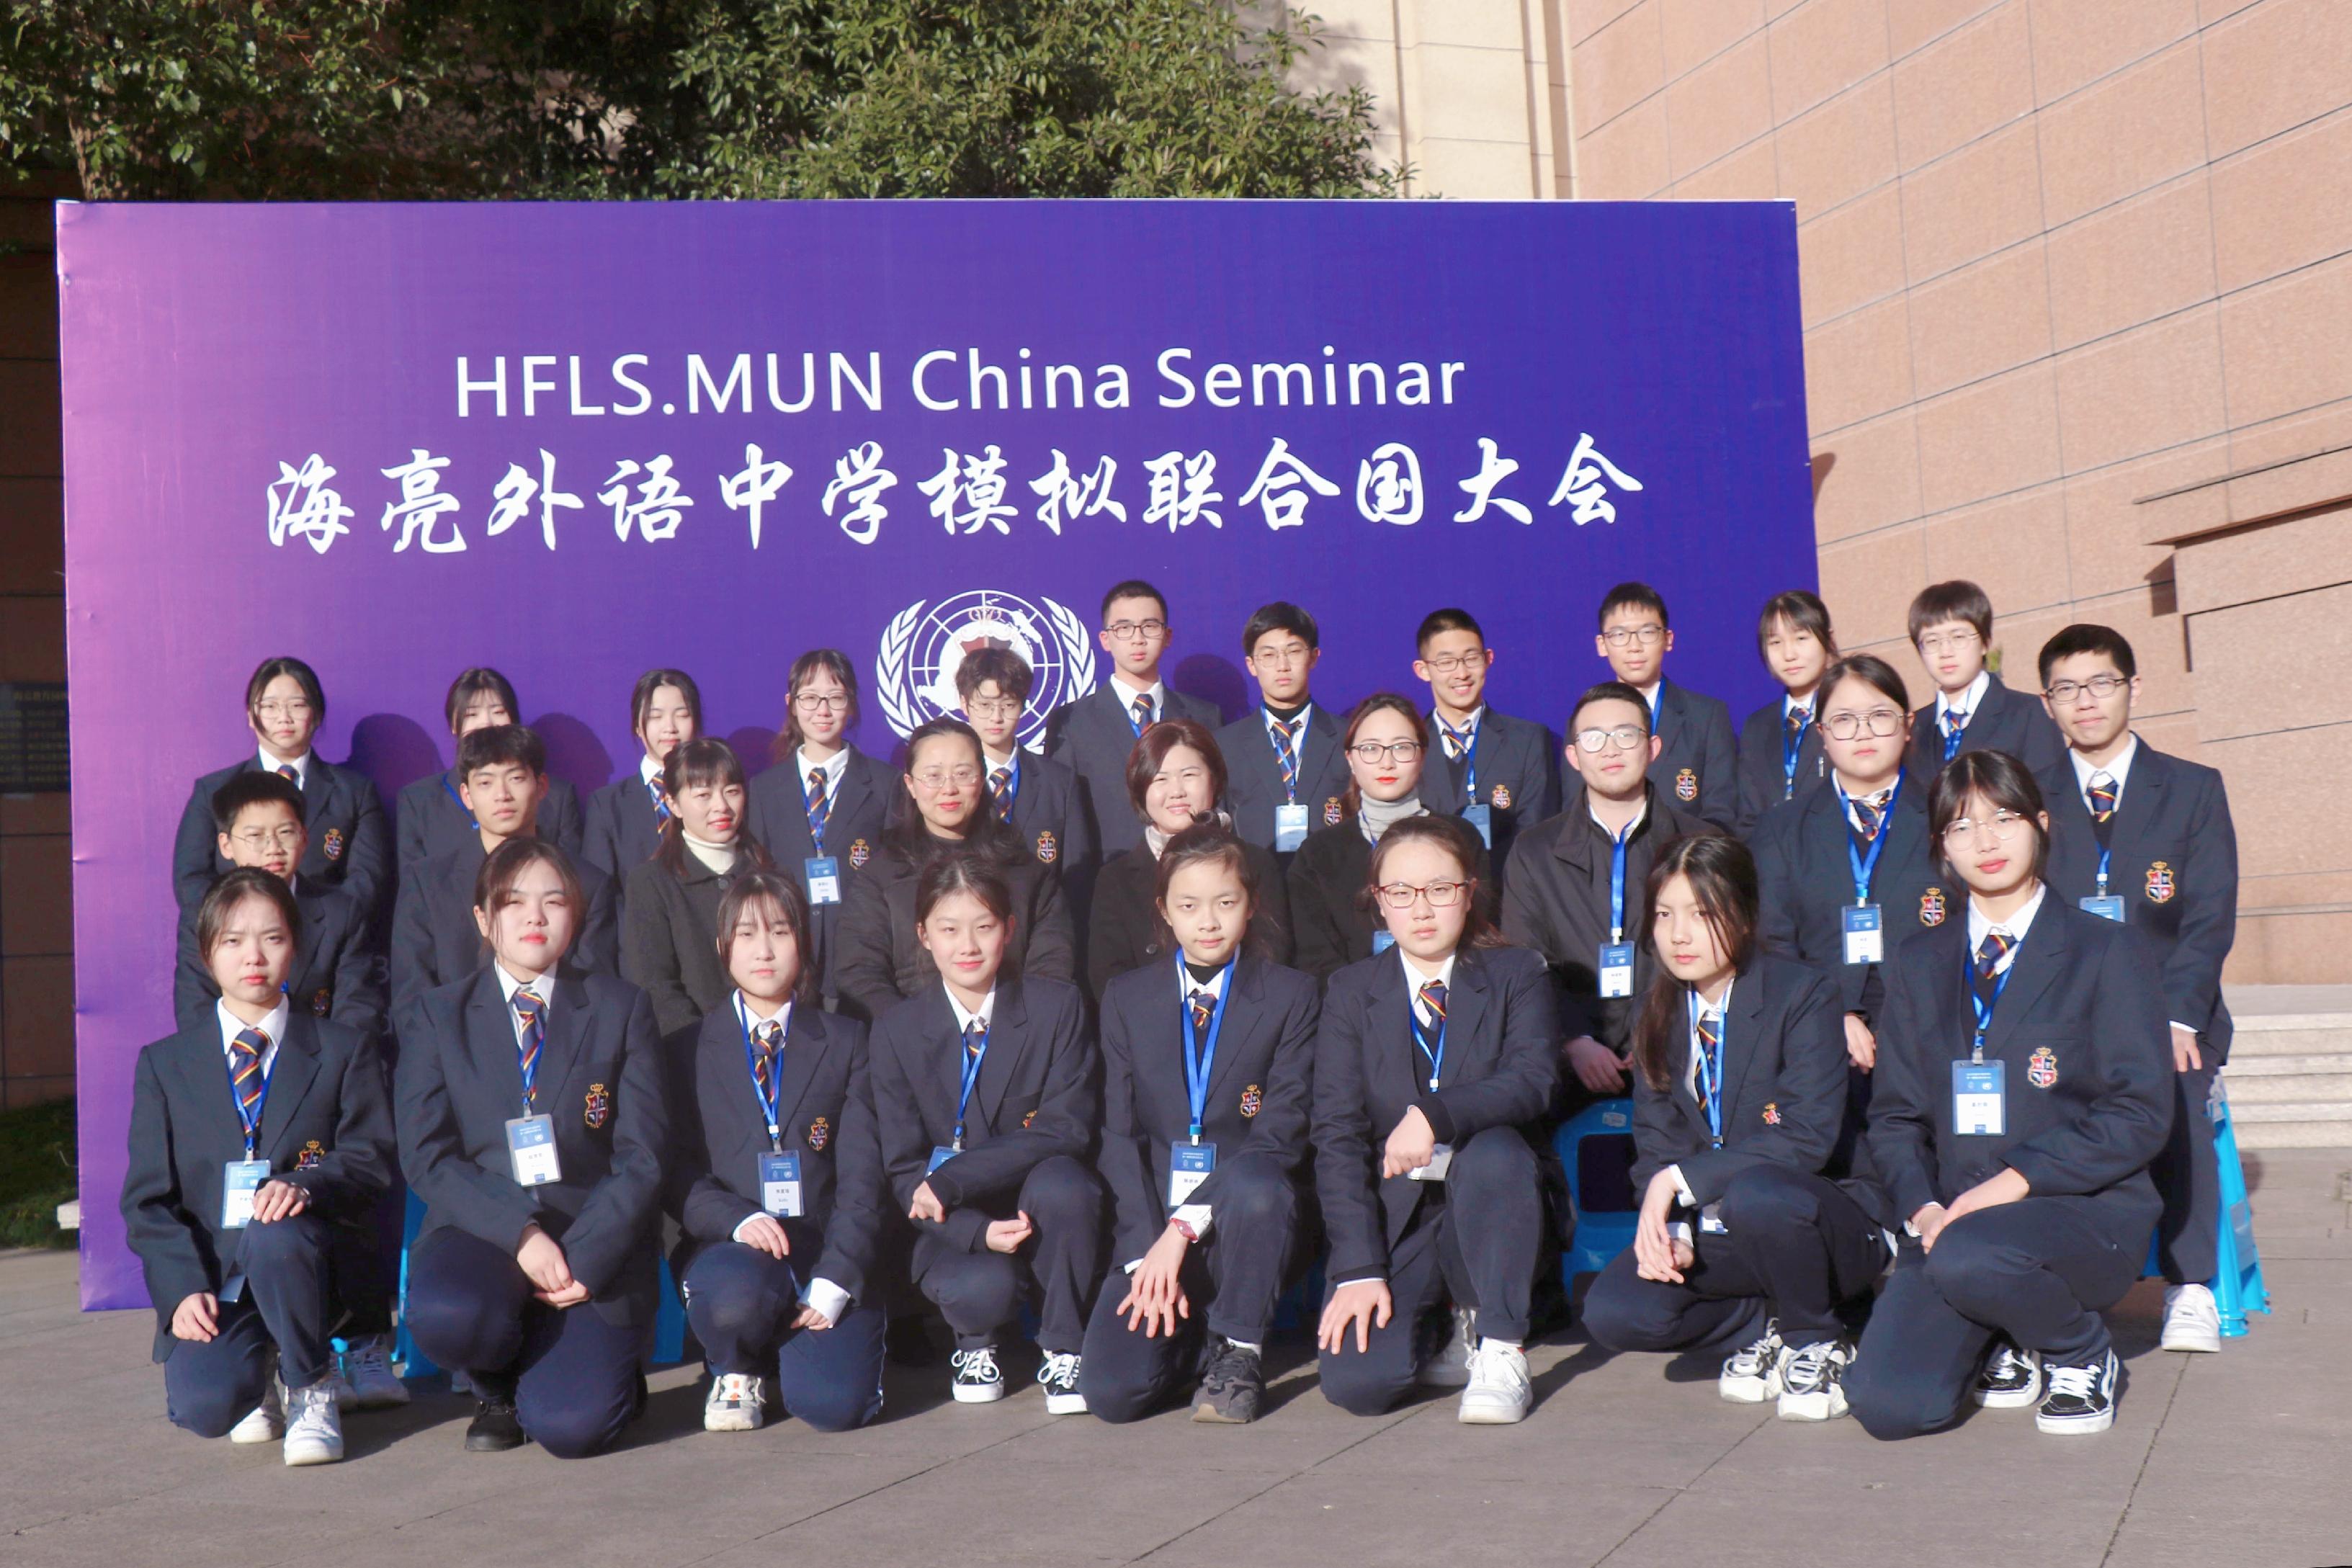 海亮外語中學模擬聯合國社團成功舉辦了海亮外語中學模擬聯合國大會